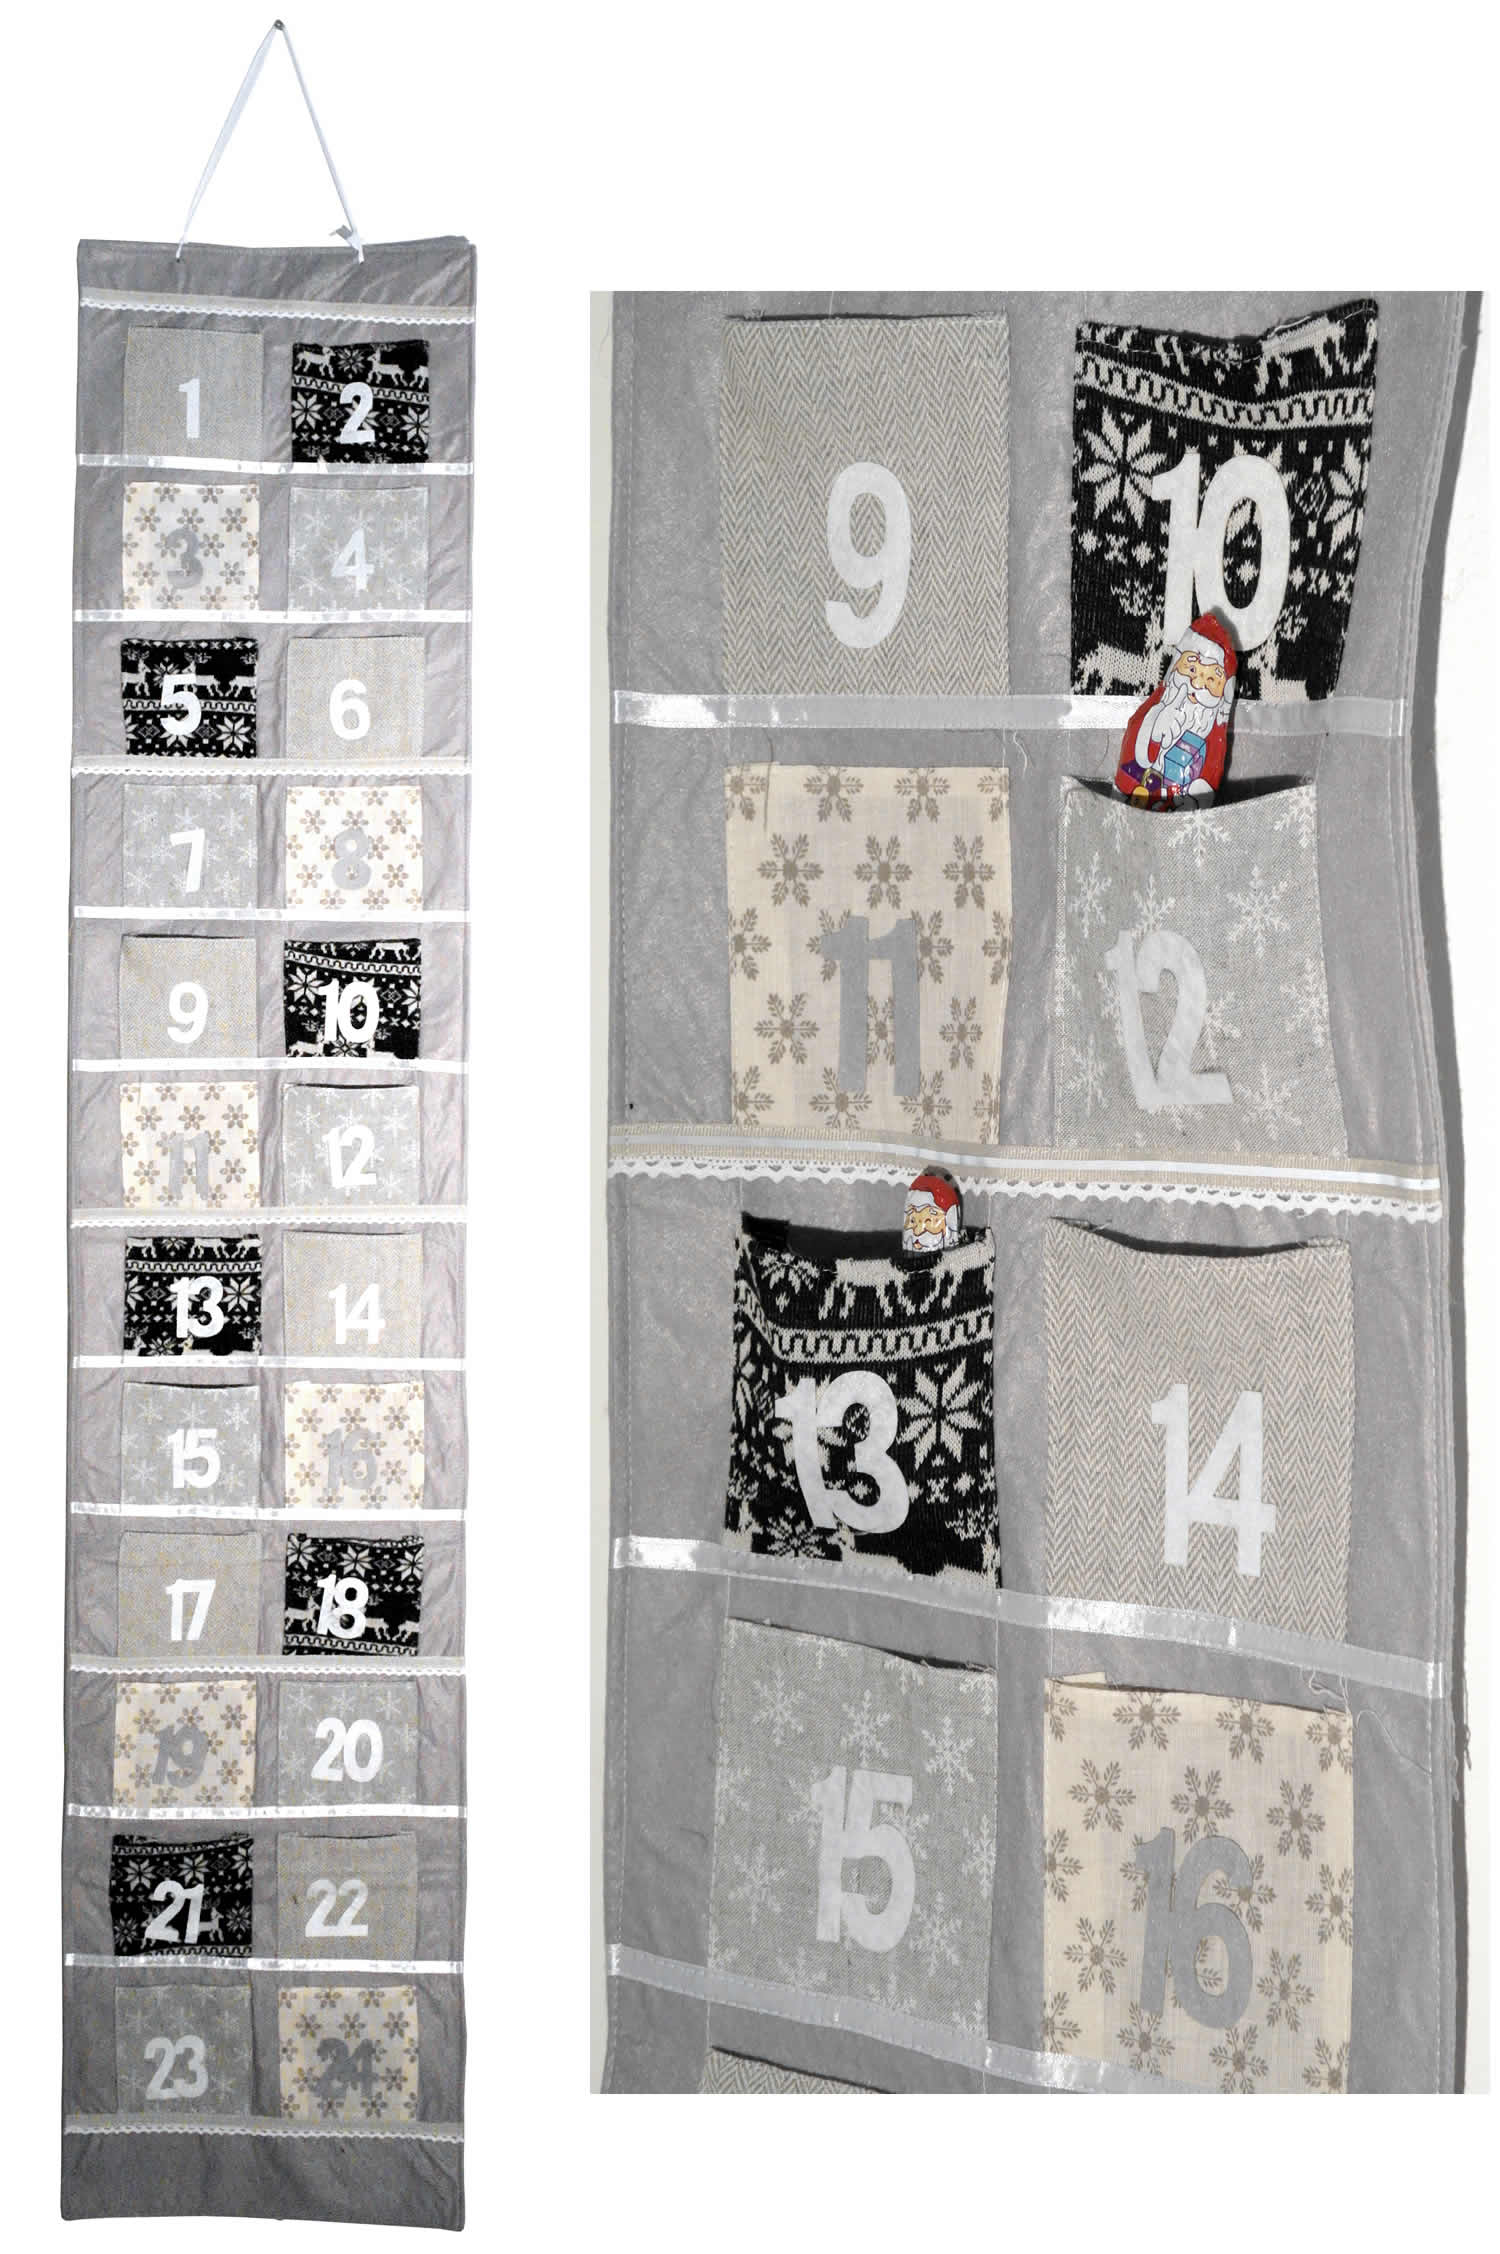 adventskalender selbstbef llen advent kalender girlande. Black Bedroom Furniture Sets. Home Design Ideas